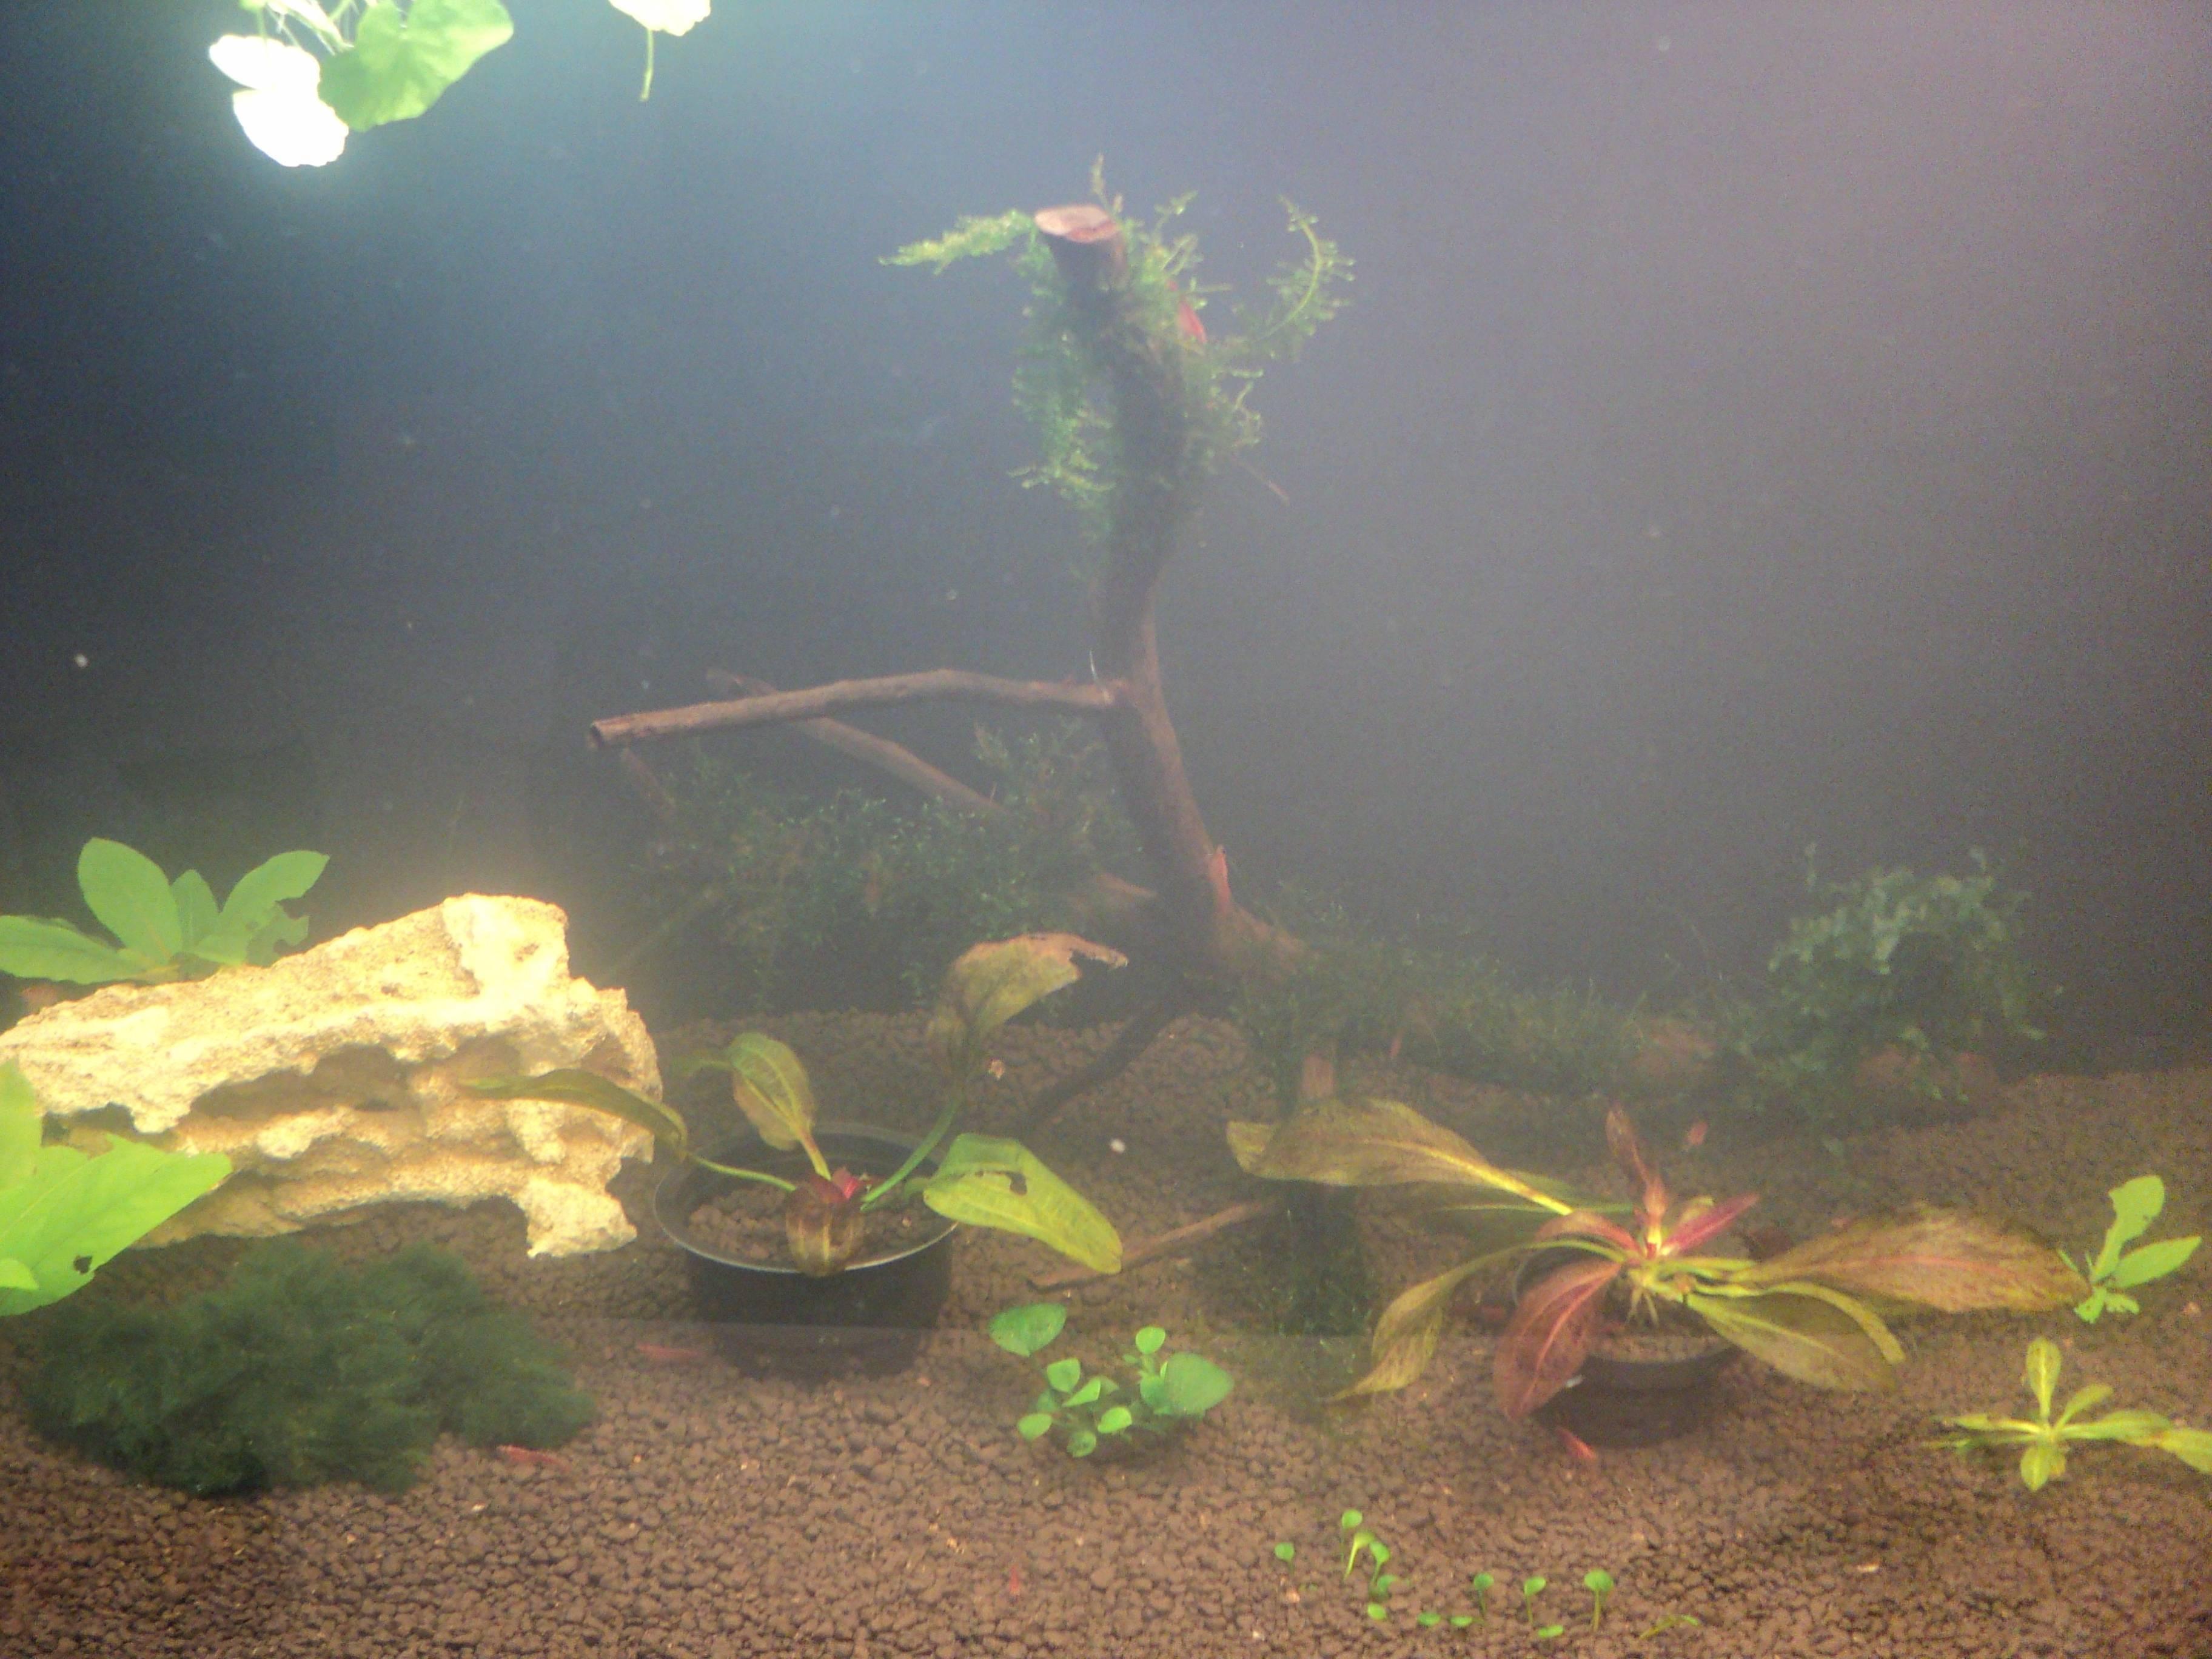 Мутная вода в аквариуме после запуска: почему стала такой, что делать, если помутнела на второй день, как не допустить в будущем?